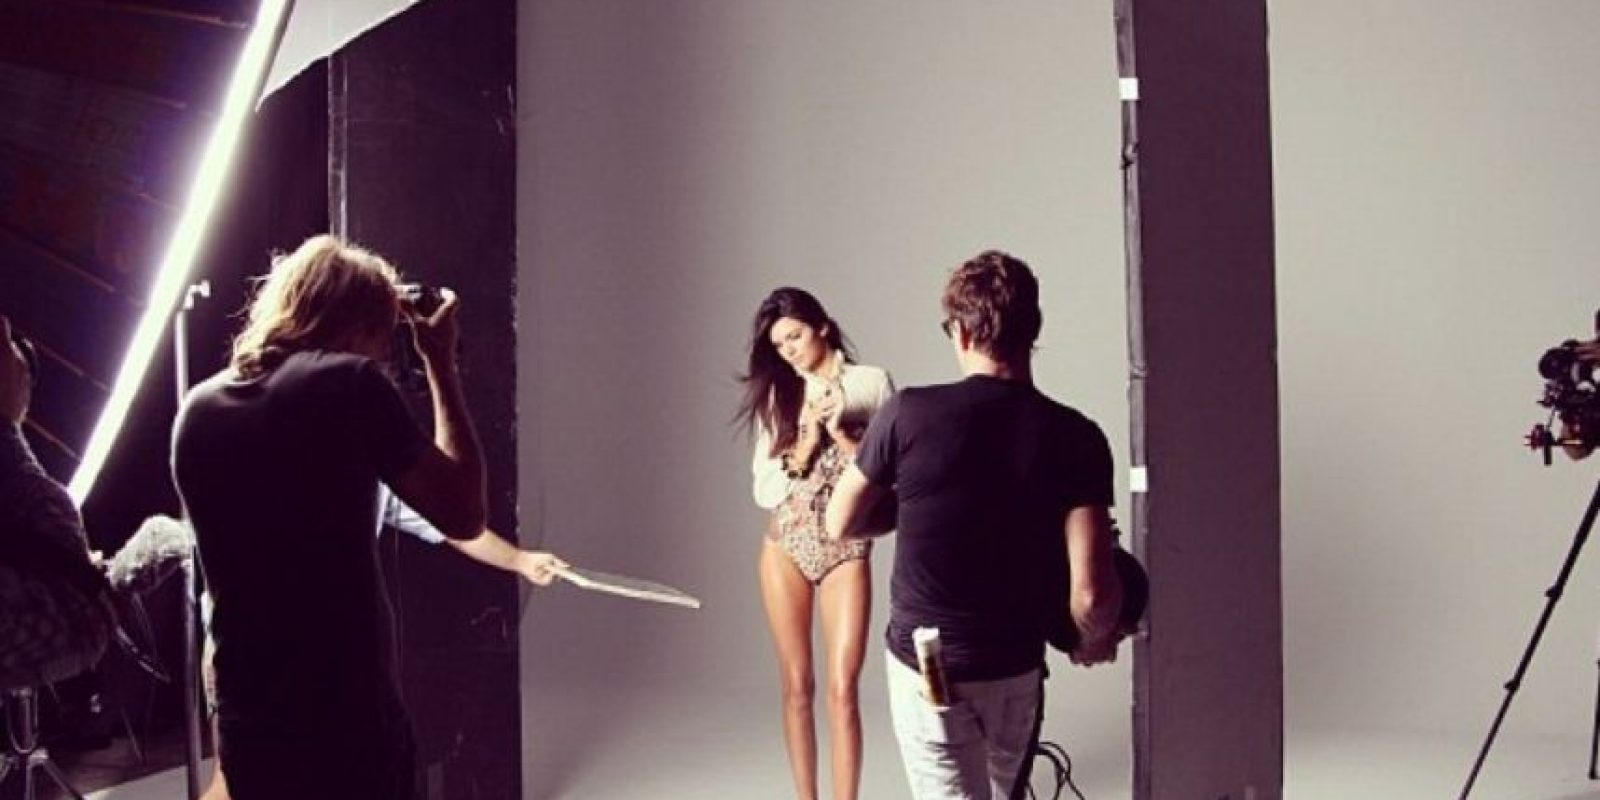 Kendall Jenner ha tratado de abrirse por sí sola un camino en la moda. Pero la fama de su familia también ha influido. Sin embargo, ella ha llegado a portadas de grandes revistas como Vogue. Y ha desfilado para icónicas firmas. Foto:Vogue